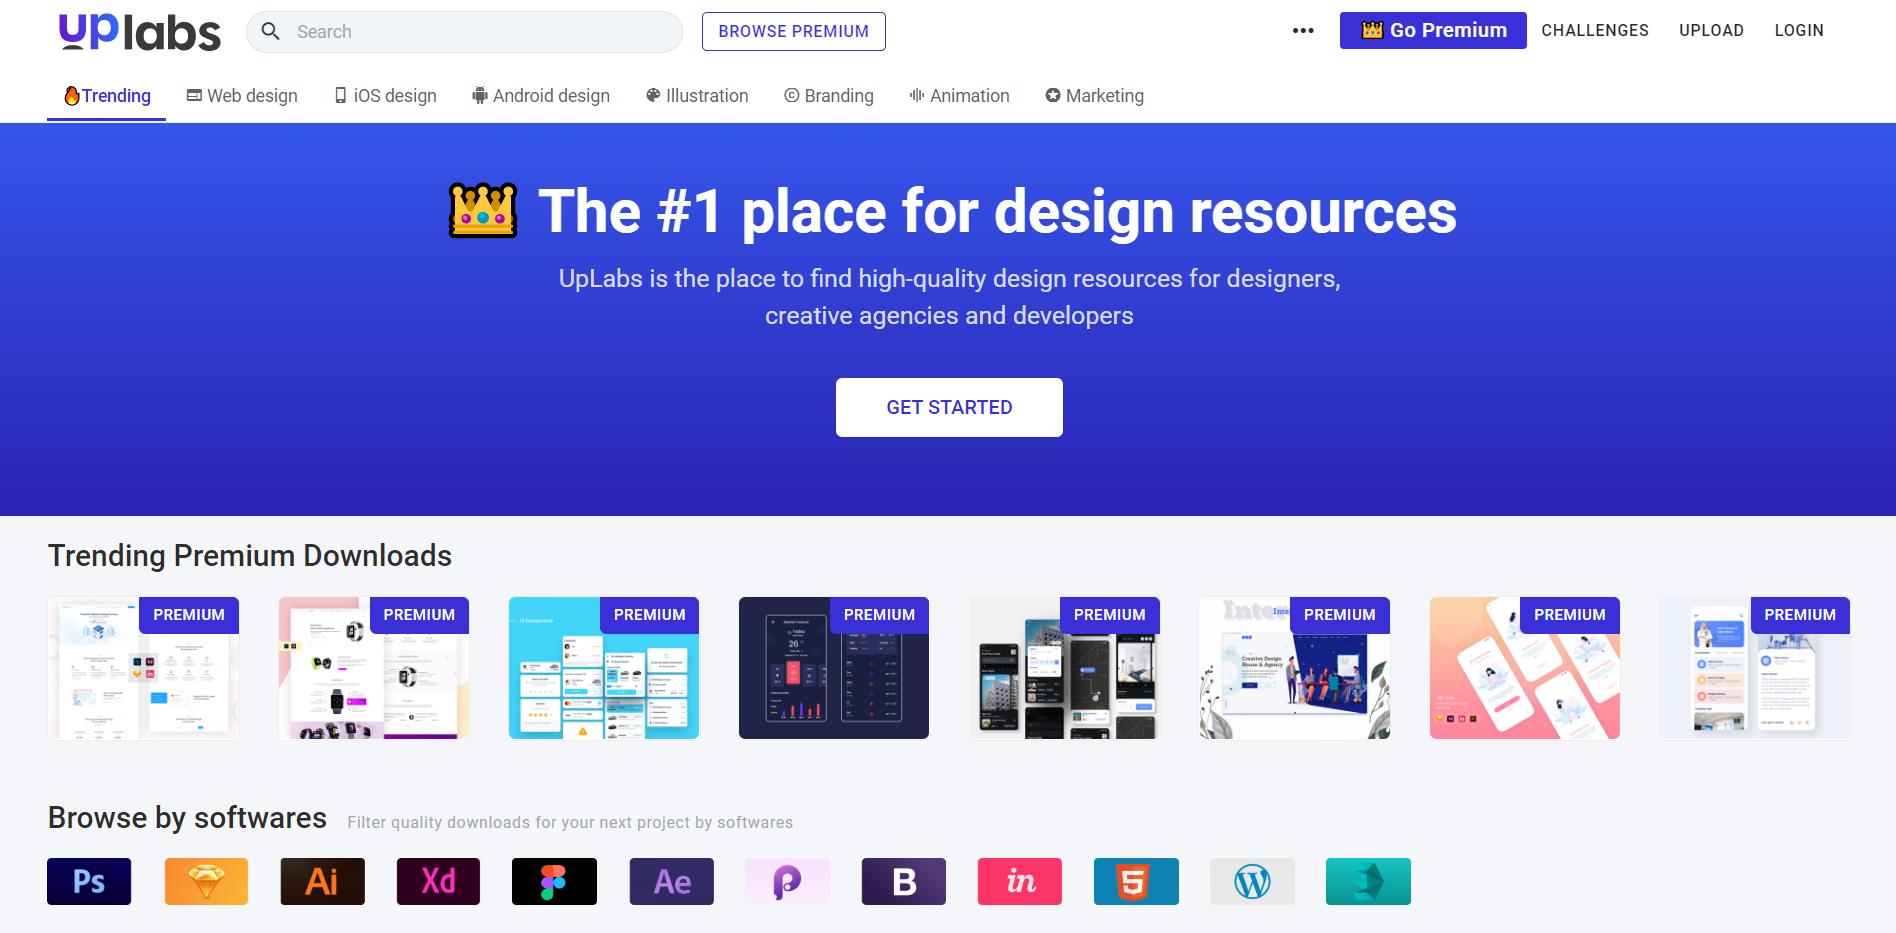 UpLabs website